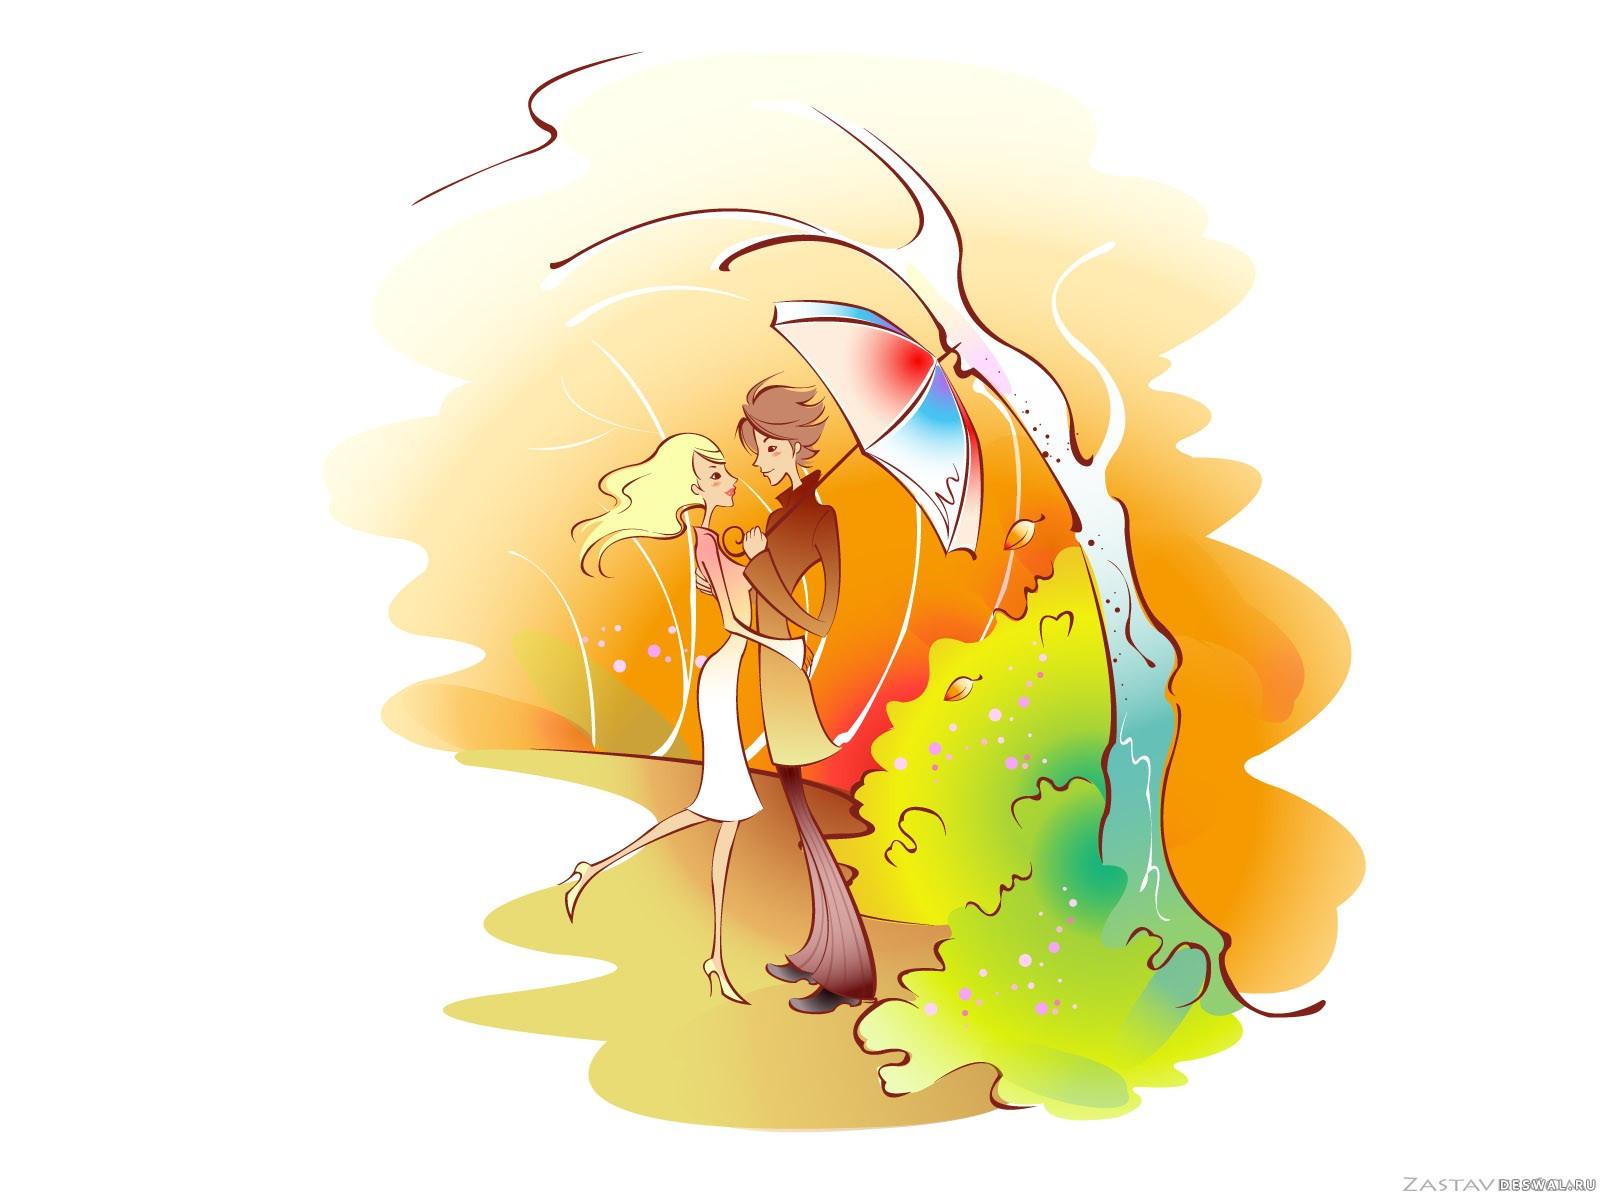 Фото 5. Нажмите на картинку с романтическими обоями - любовь, чтобы просмотреть ее в реальном размере